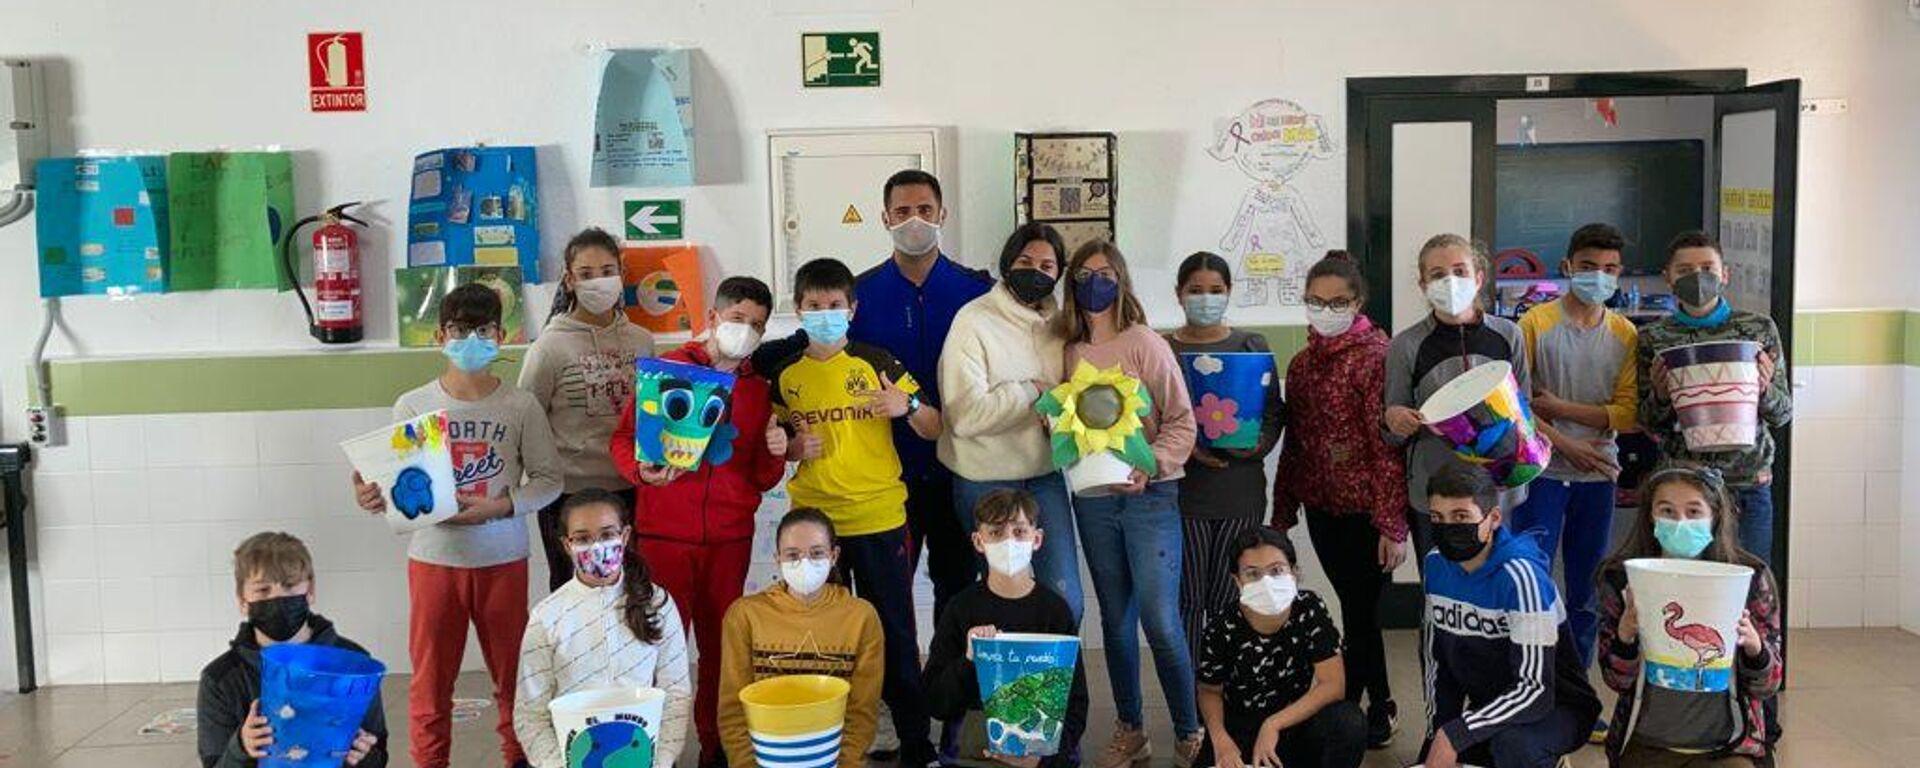 El profesor Rubén Rendón con los alumnos del Colegio Reina María Cristina - Sputnik Mundo, 1920, 22.04.2021